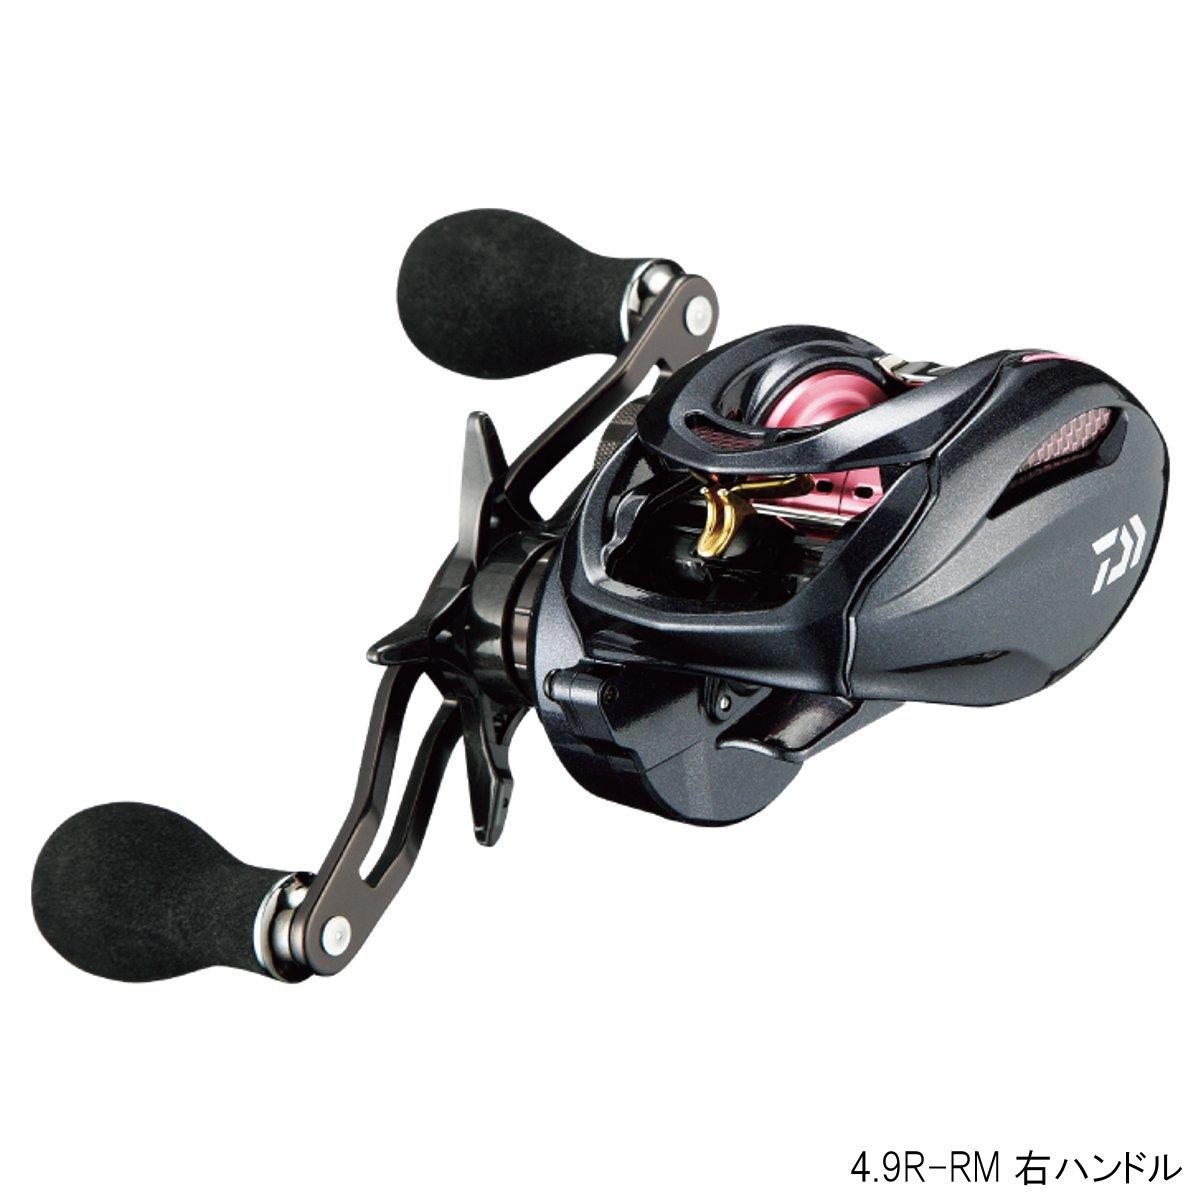 ダイワ 紅牙 TW 4.9R-RM 右ハンドル(東日本店)